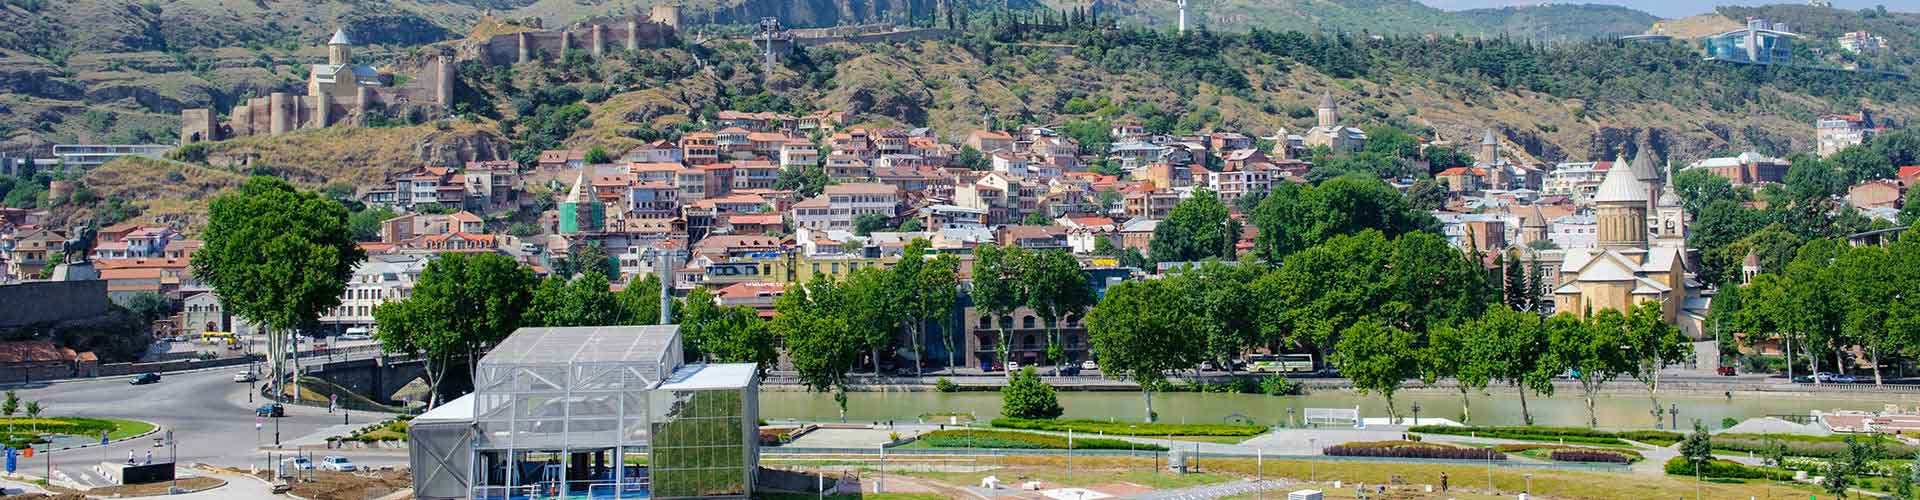 Tiflis - Zelten in Tiflis. Tiflis auf der Karte. Fotos und Bewertungen für jeden Zeltplatz in Tiflis.